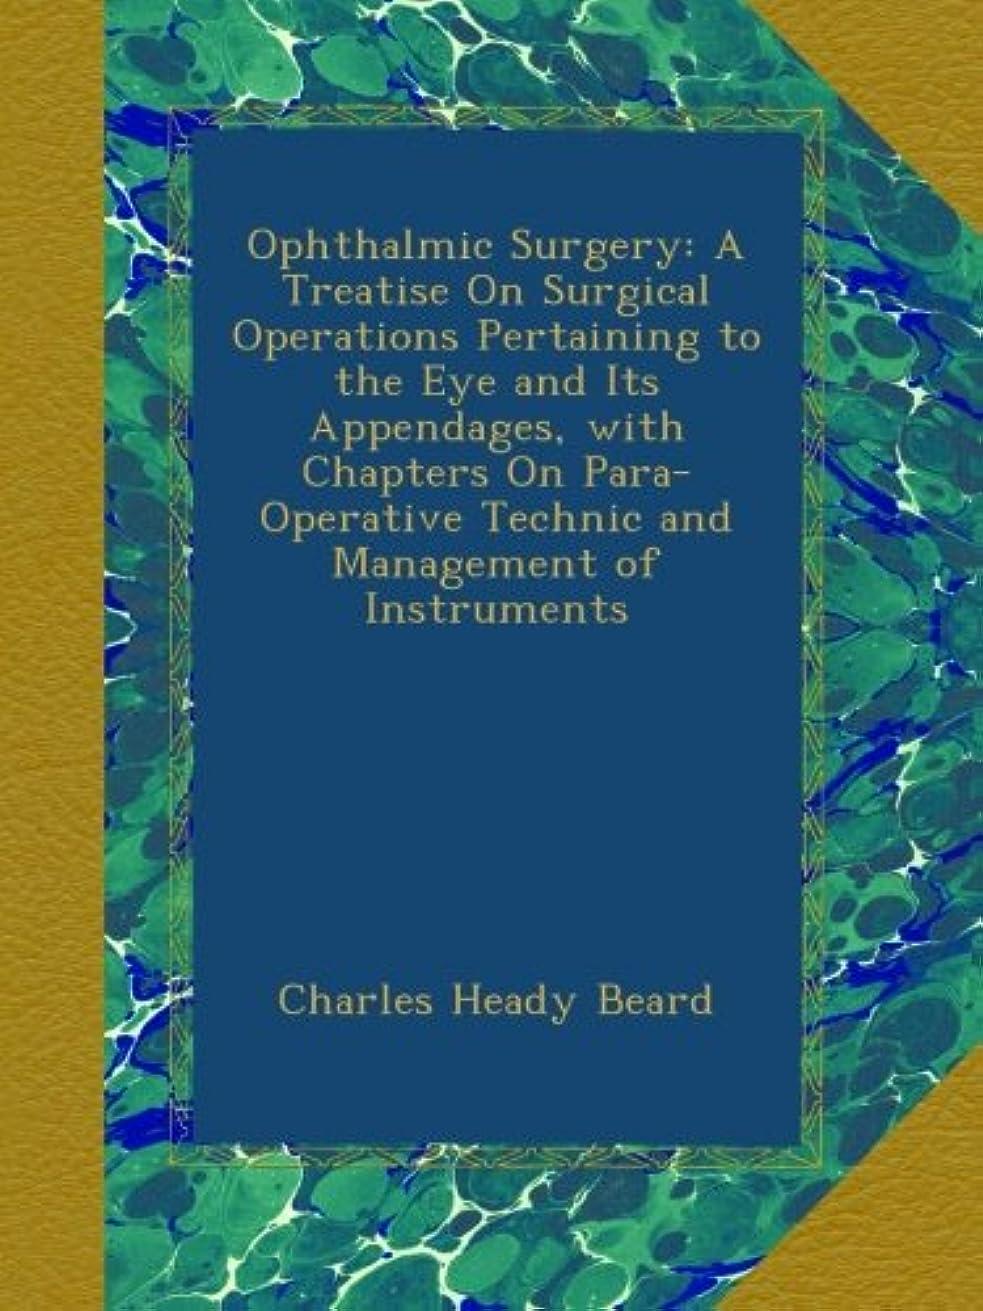 独立したベンチャー祝福Ophthalmic Surgery: A Treatise On Surgical Operations Pertaining to the Eye and Its Appendages, with Chapters On Para-Operative Technic and Management of Instruments